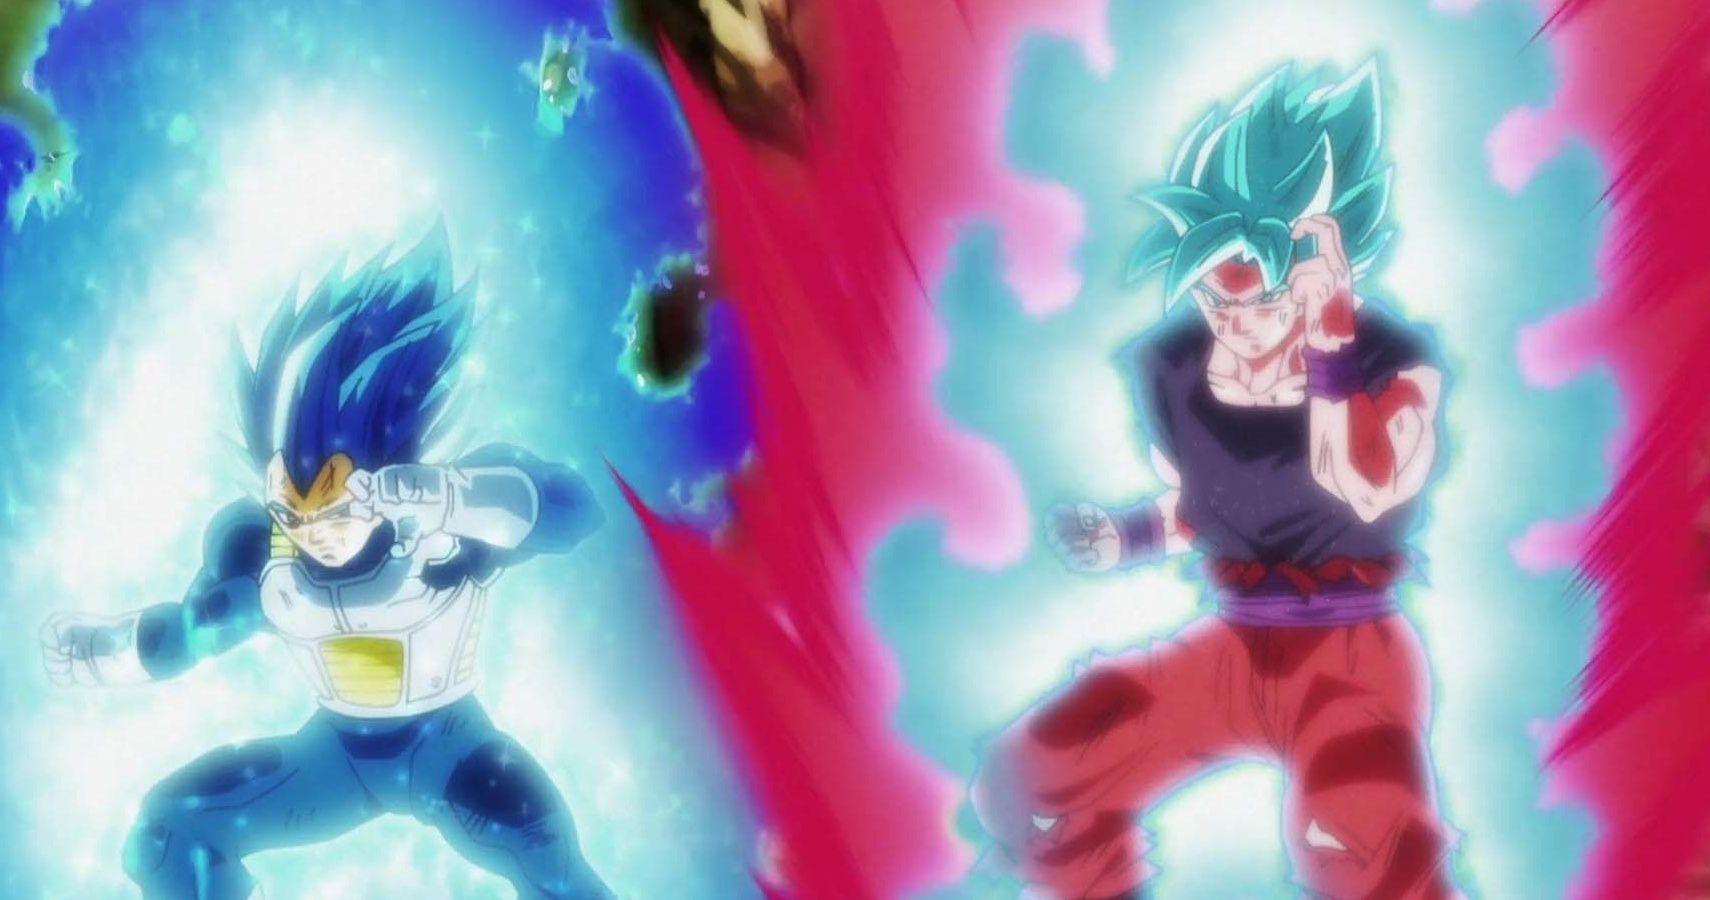 Dragon Ball 10 Things About Super Saiyan Blue That Make No Sense